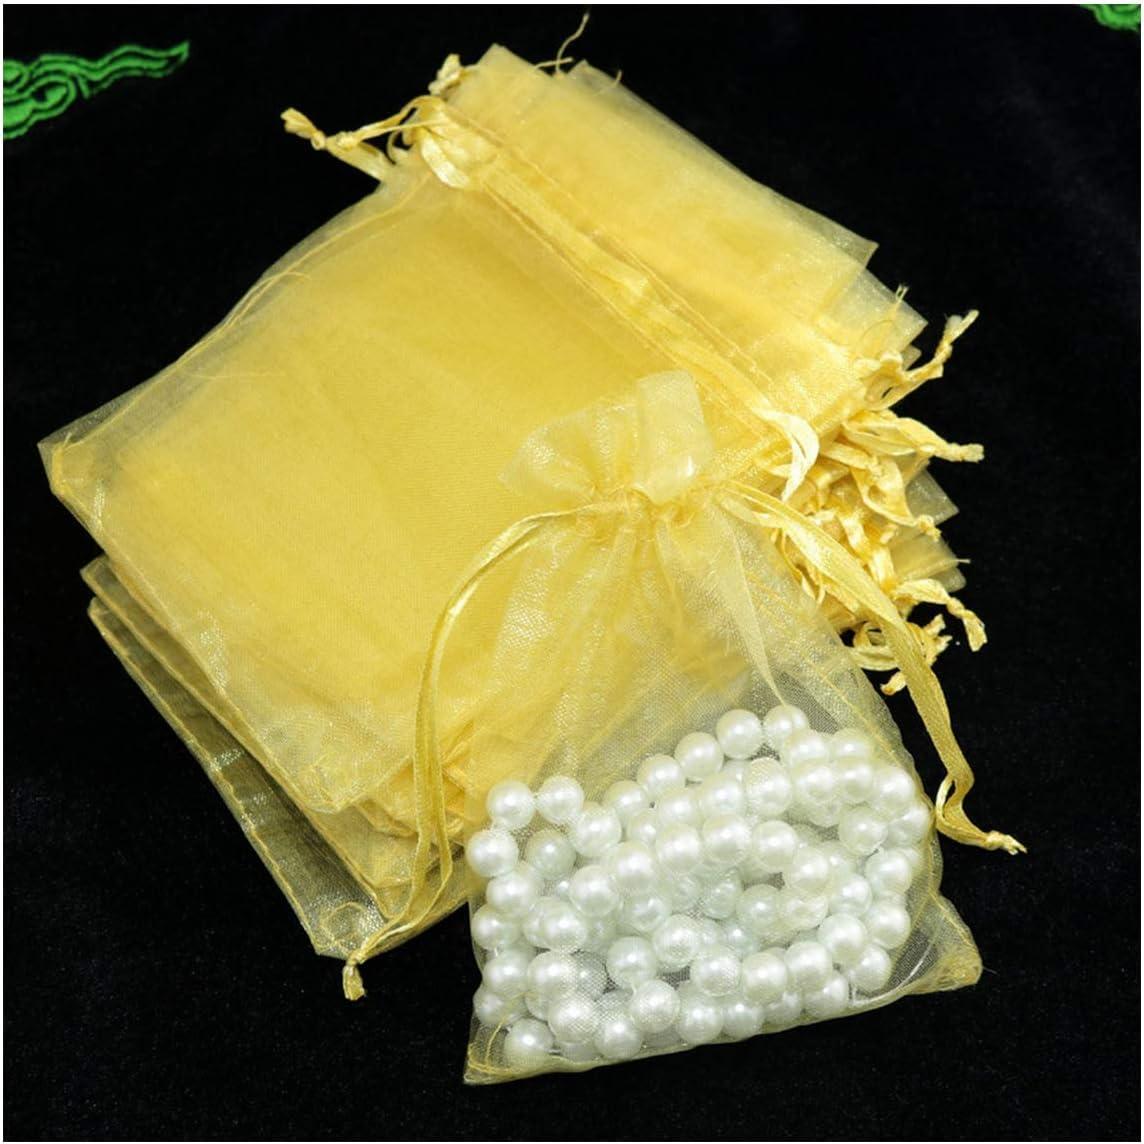 10pcs / Lot de organza bolsa de regalo de la joyería de empaquetado Bolsa decoración del partido La boda favorece Disponibles bolsa de regalo, amarillo de oro, 13x18cm